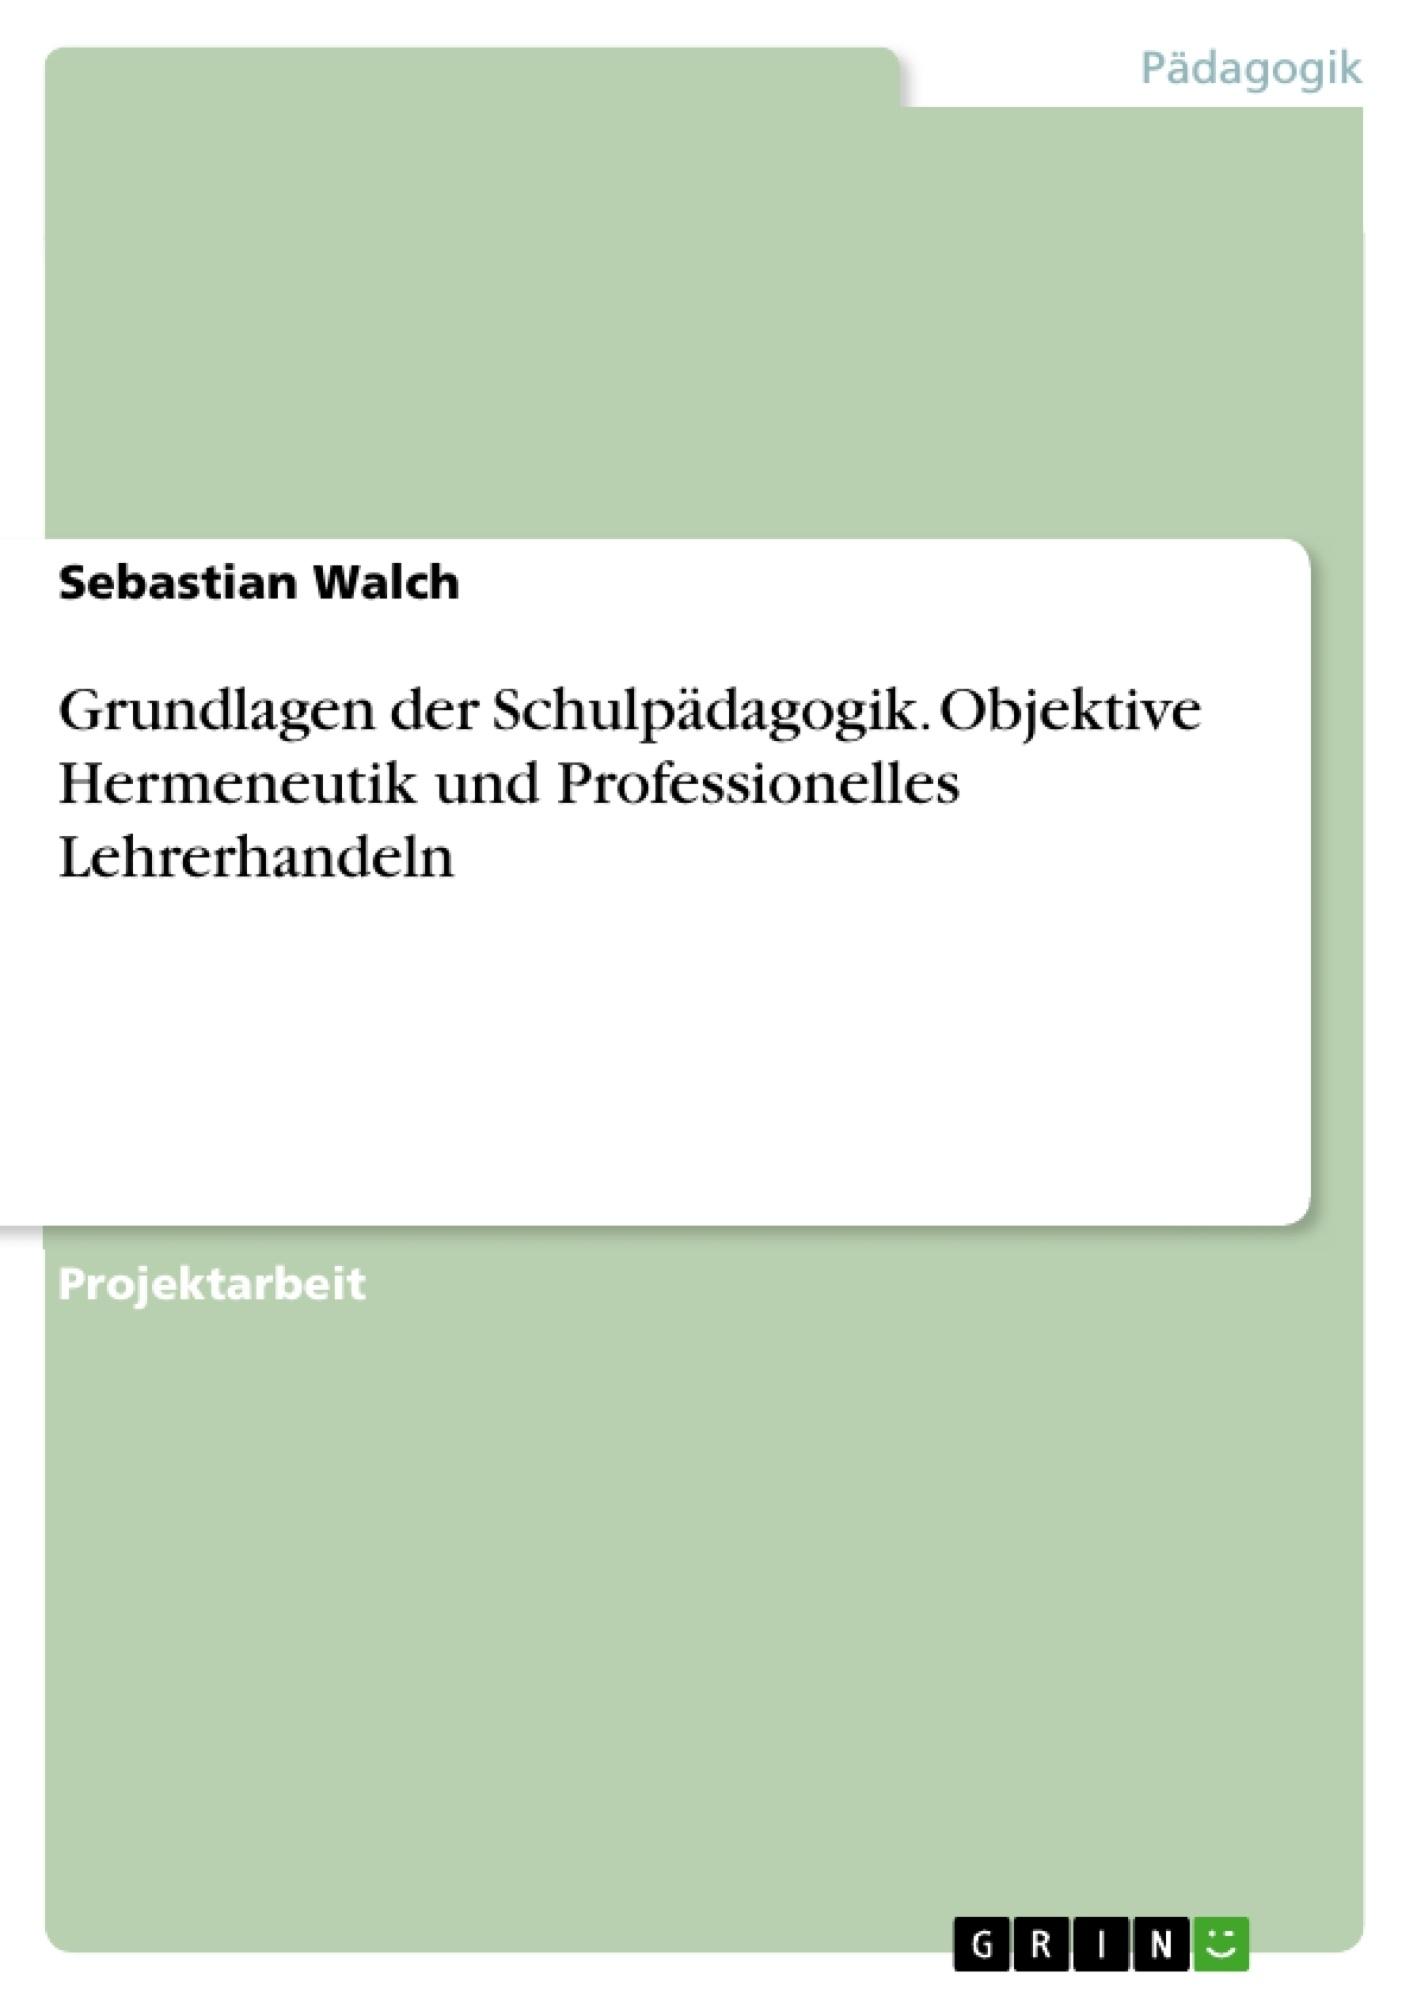 Titel: Grundlagen der Schulpädagogik. Objektive Hermeneutik und Professionelles Lehrerhandeln